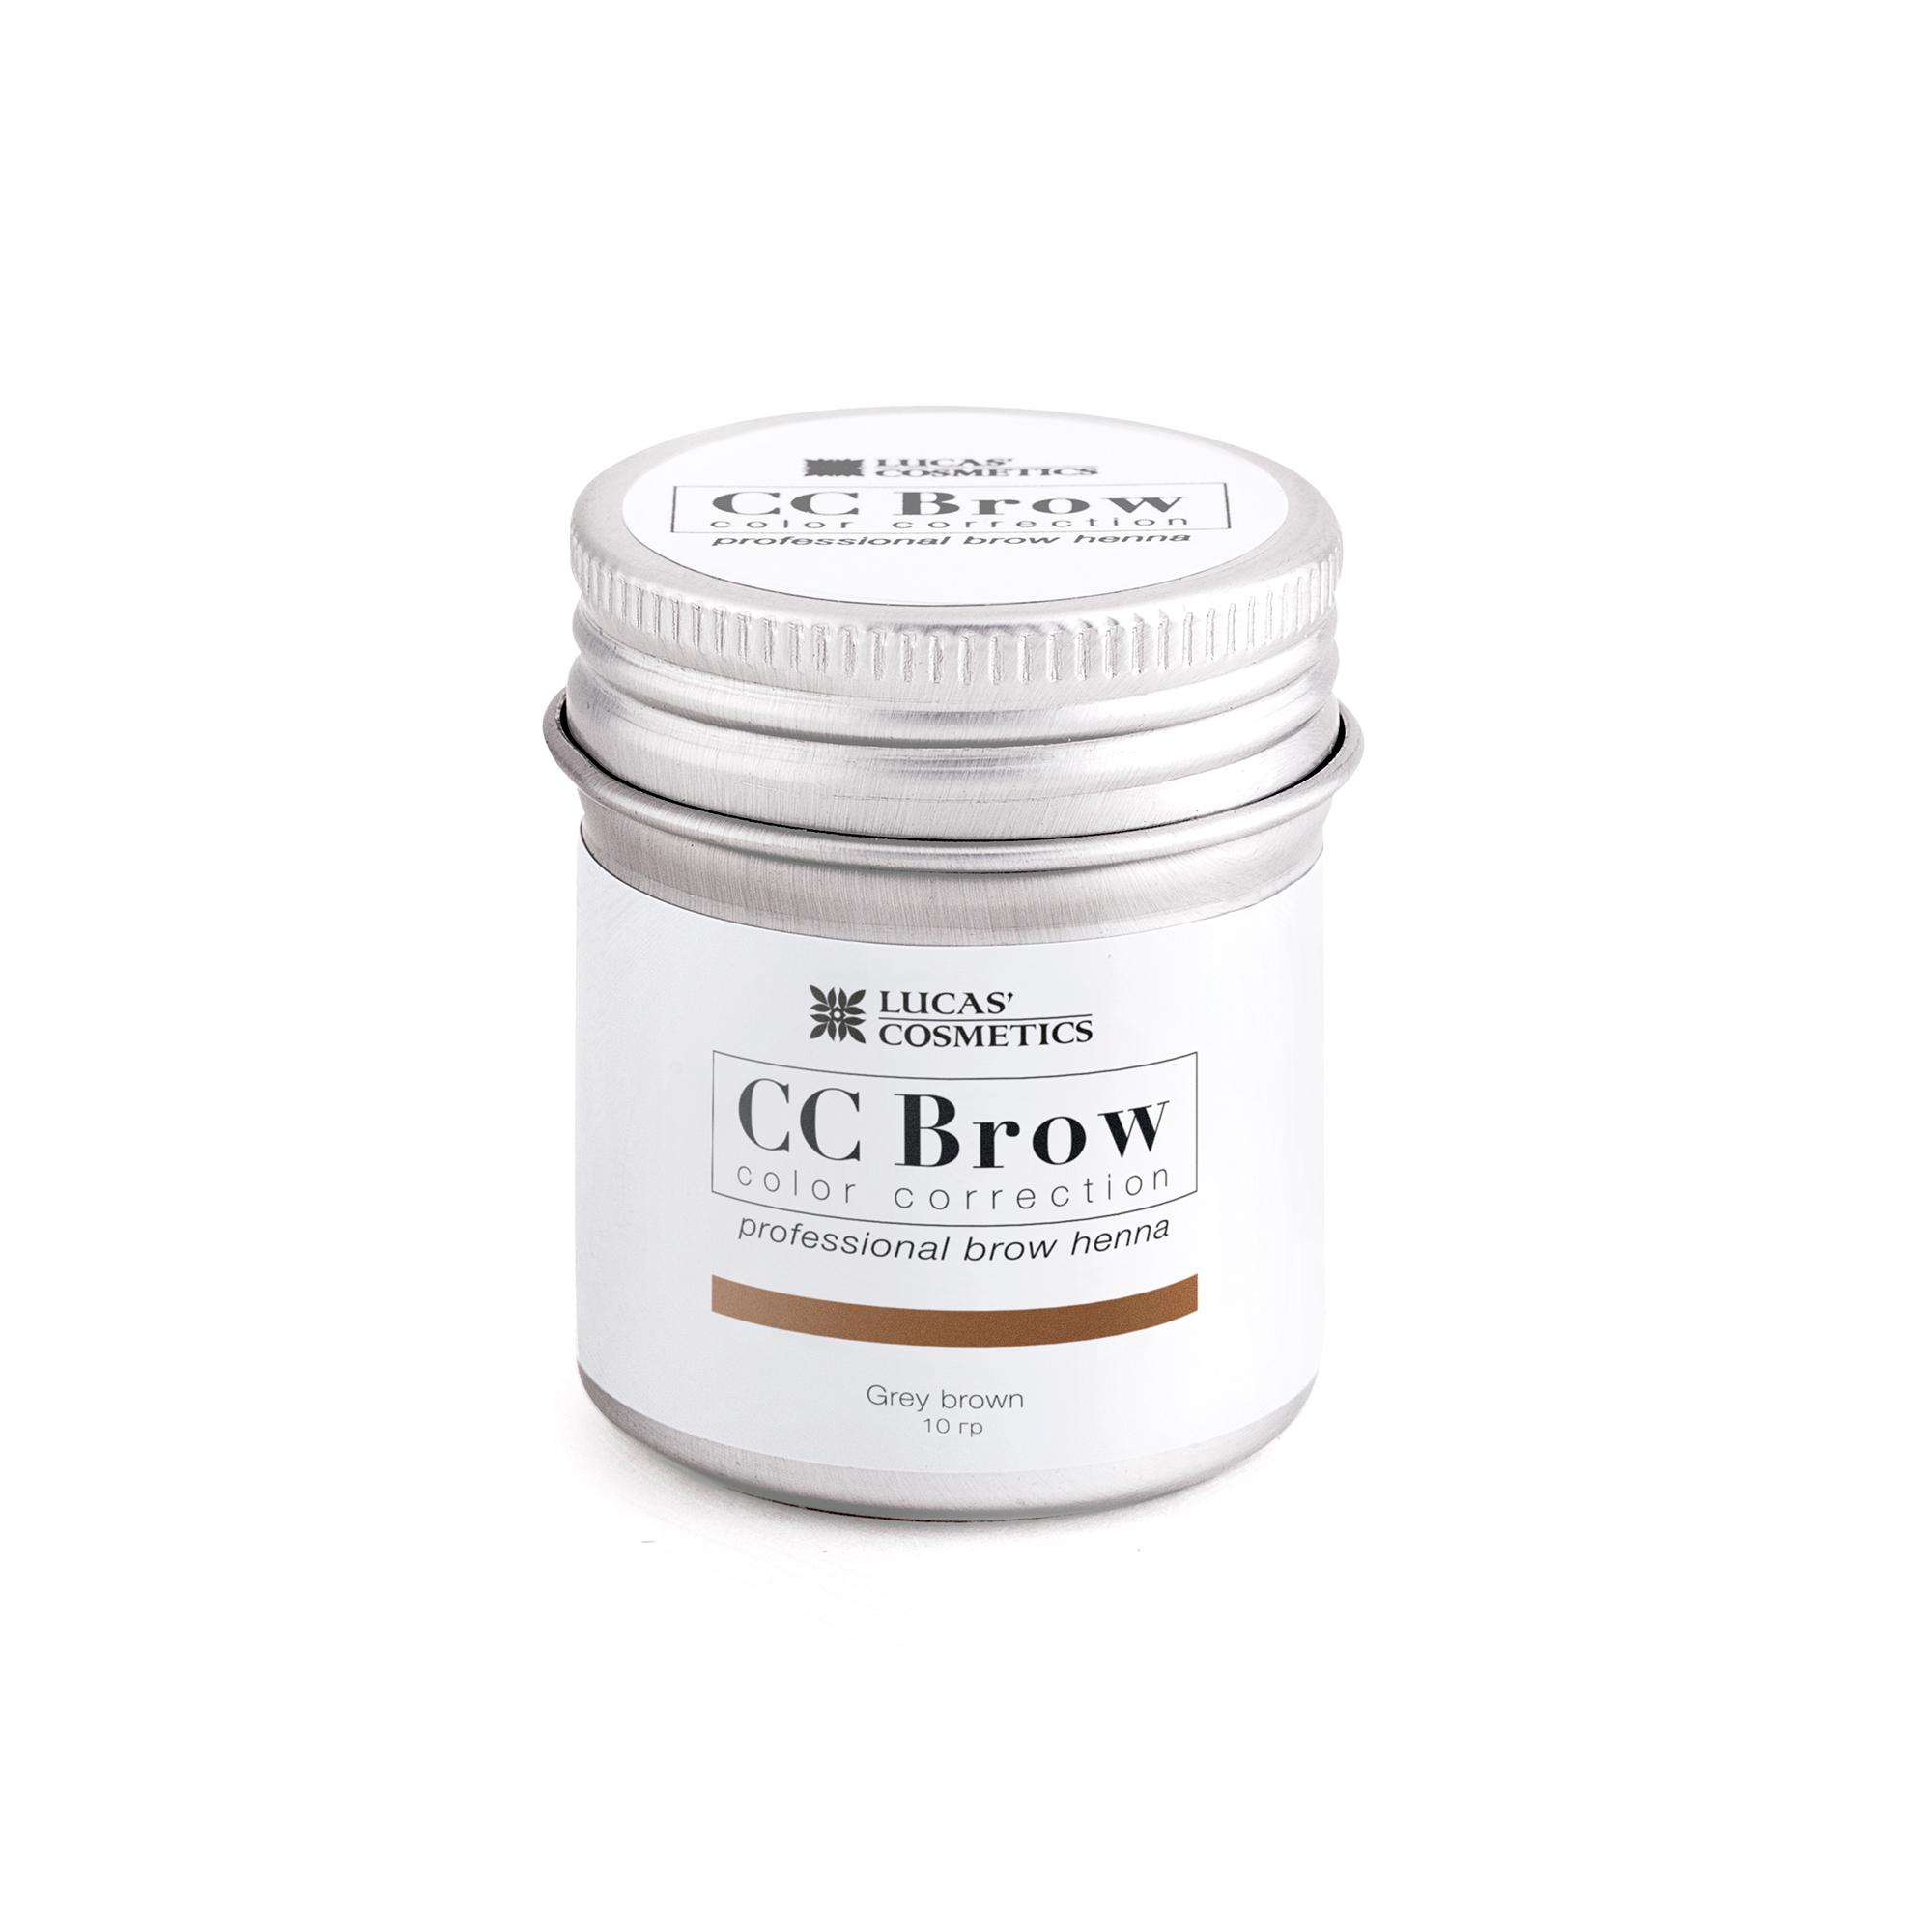 LUCAS' COSMETICS Хна для бровей, серо-коричневый (в баночке) / CC Brow grey brown 10 г - Хна для бровей